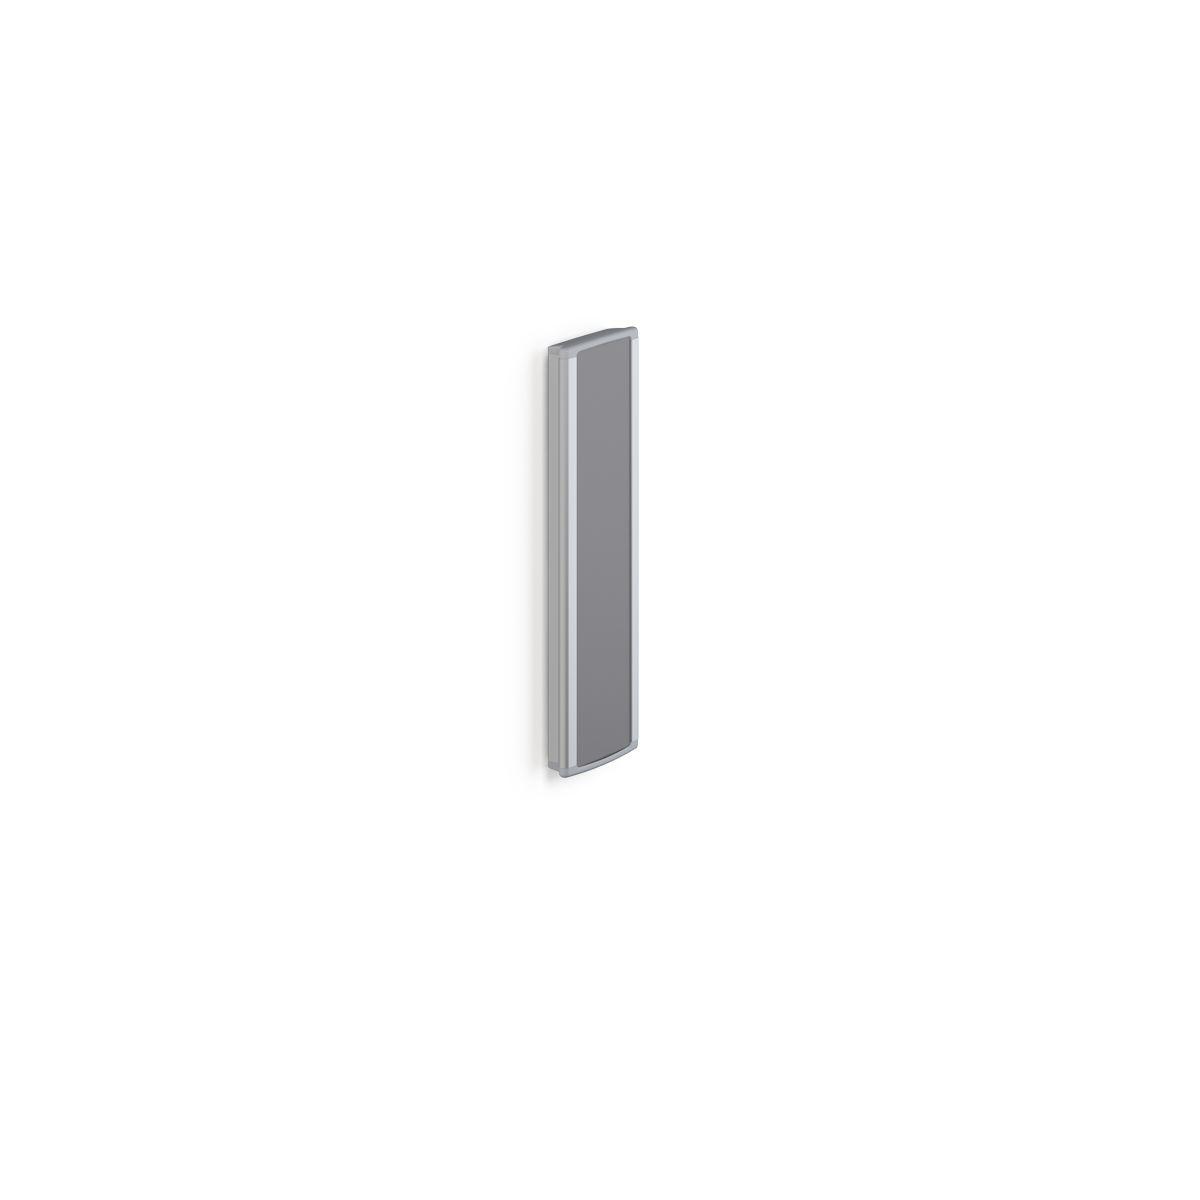 PLUS glissière-support, 400 mm, crantée à droite, pour montage vertical